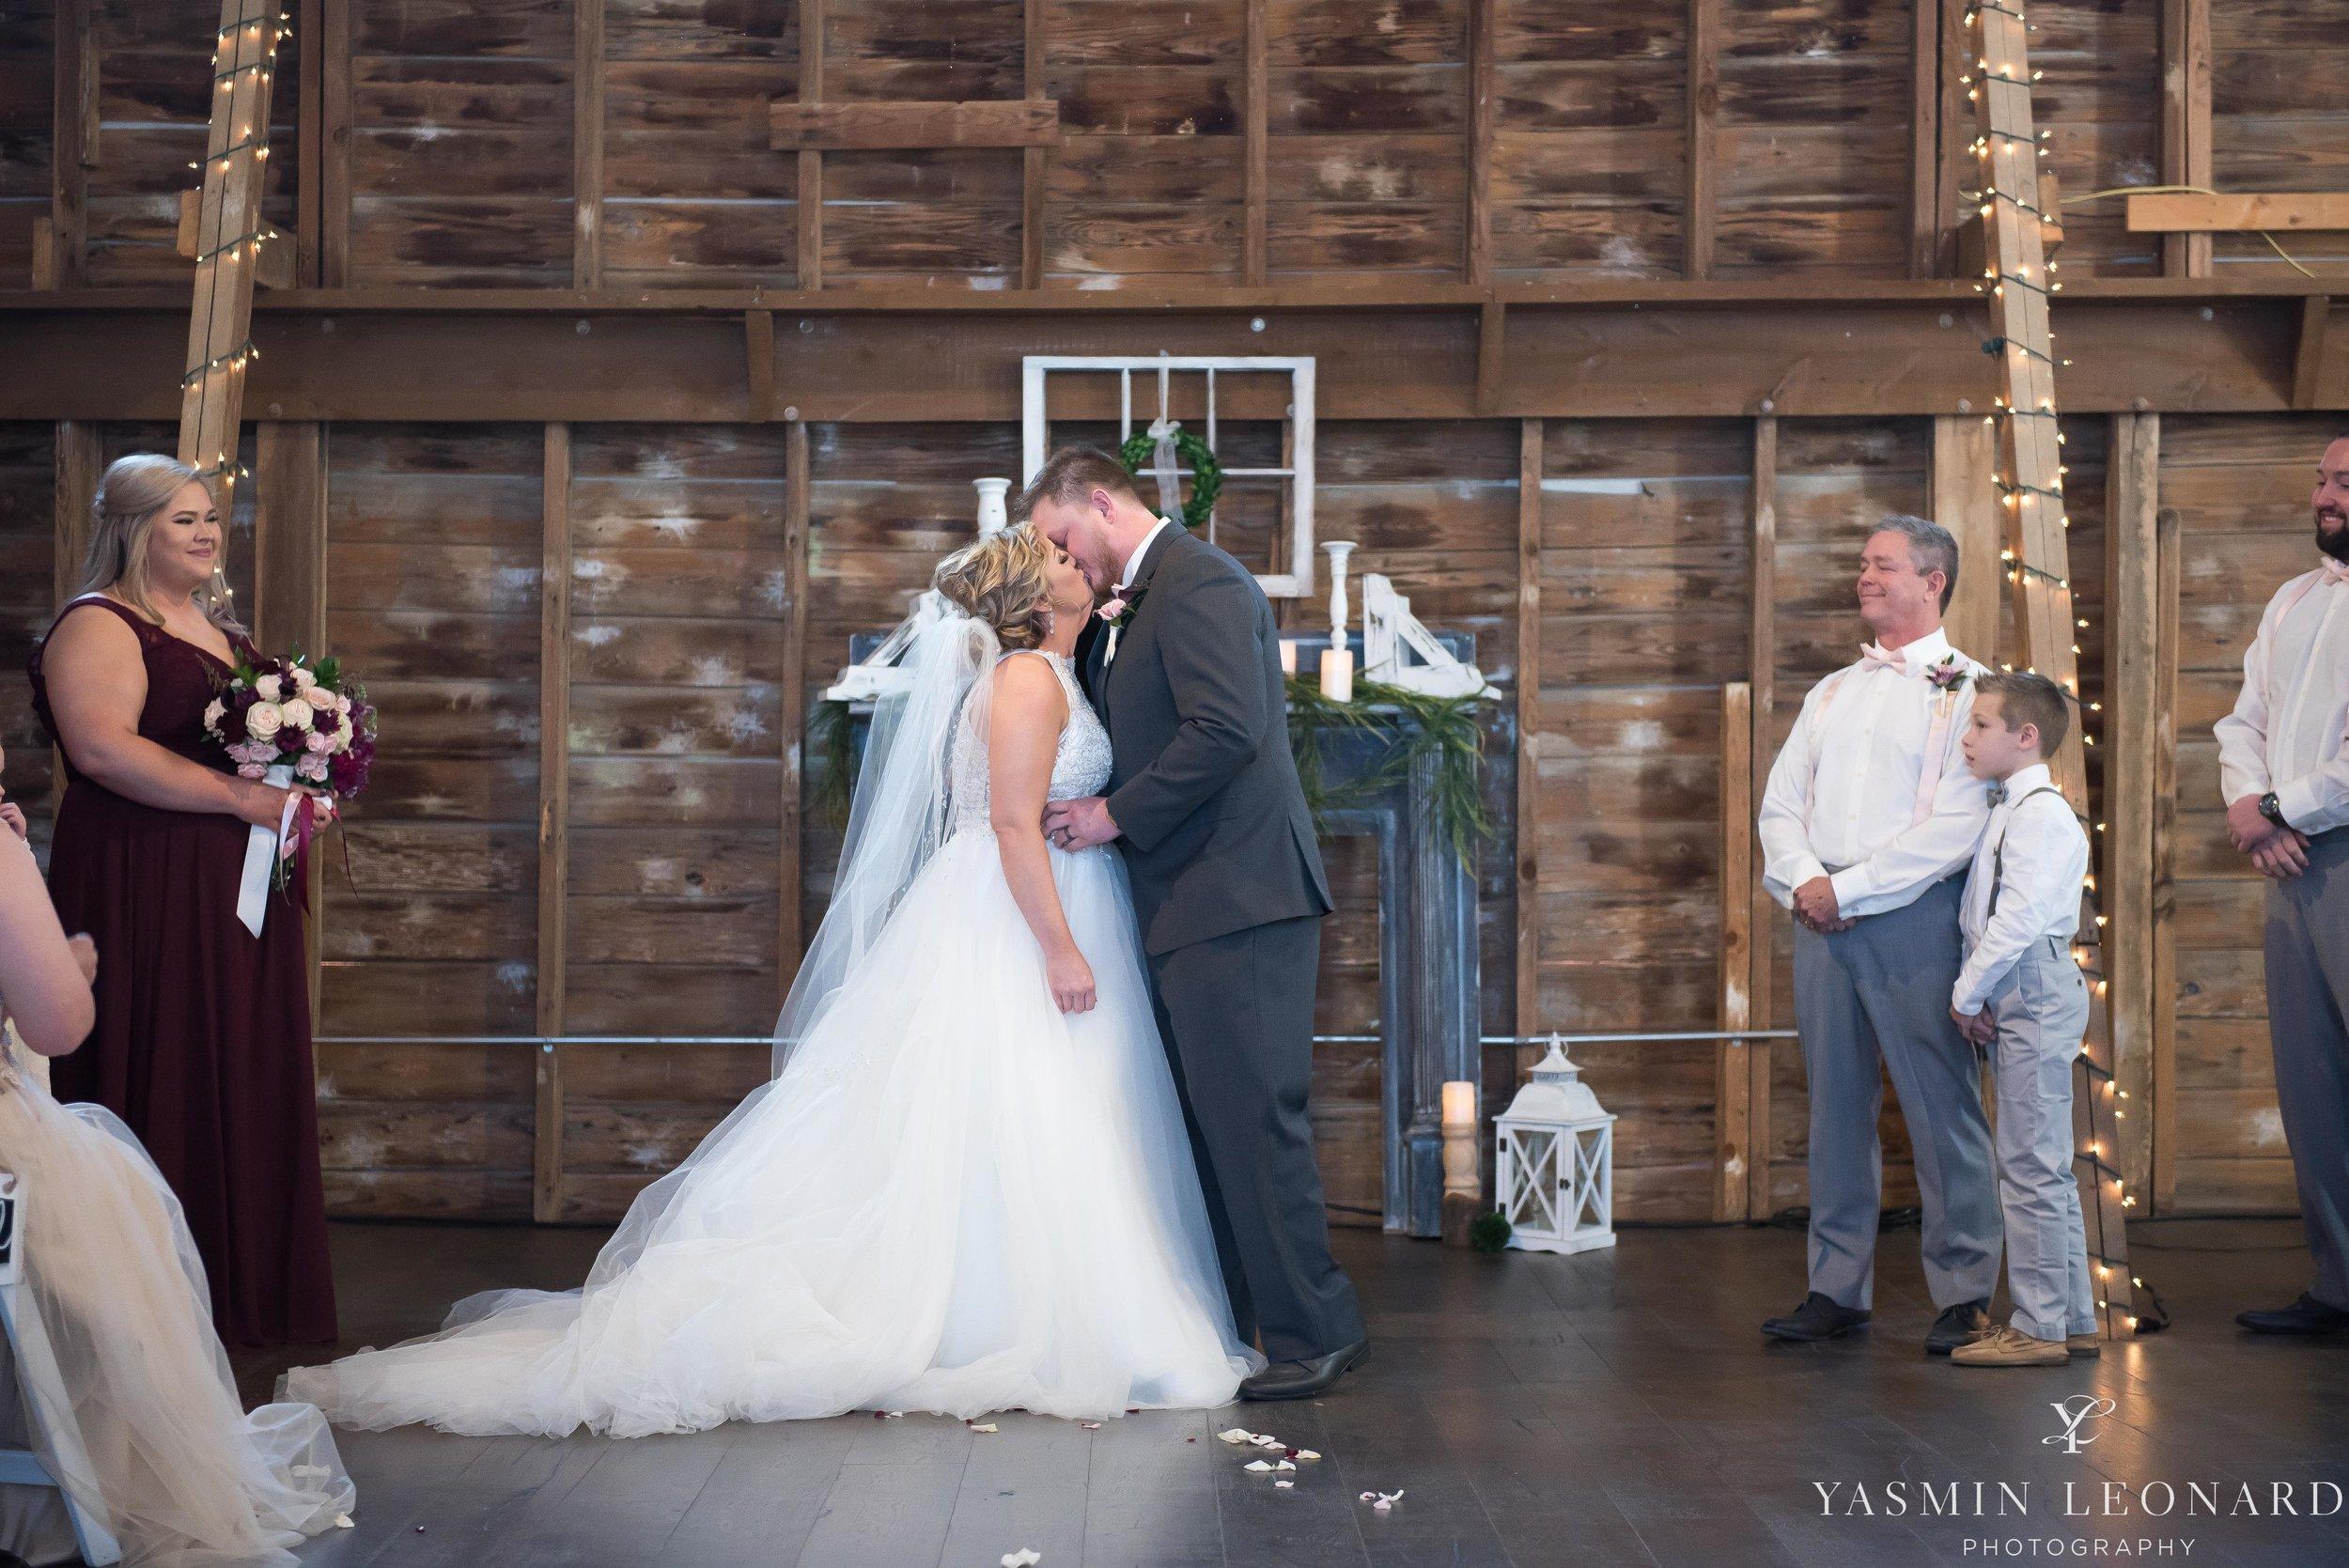 Millikan Farms - Millikan Farms Wedding - Sophia NC Wedding - NC Wedding - NC Wedding Photographer - Yasmin Leonard Photography - High Point Photographer - Barn Wedding - Wedding Venues in NC - Triad Wedding Photographer-50.jpg